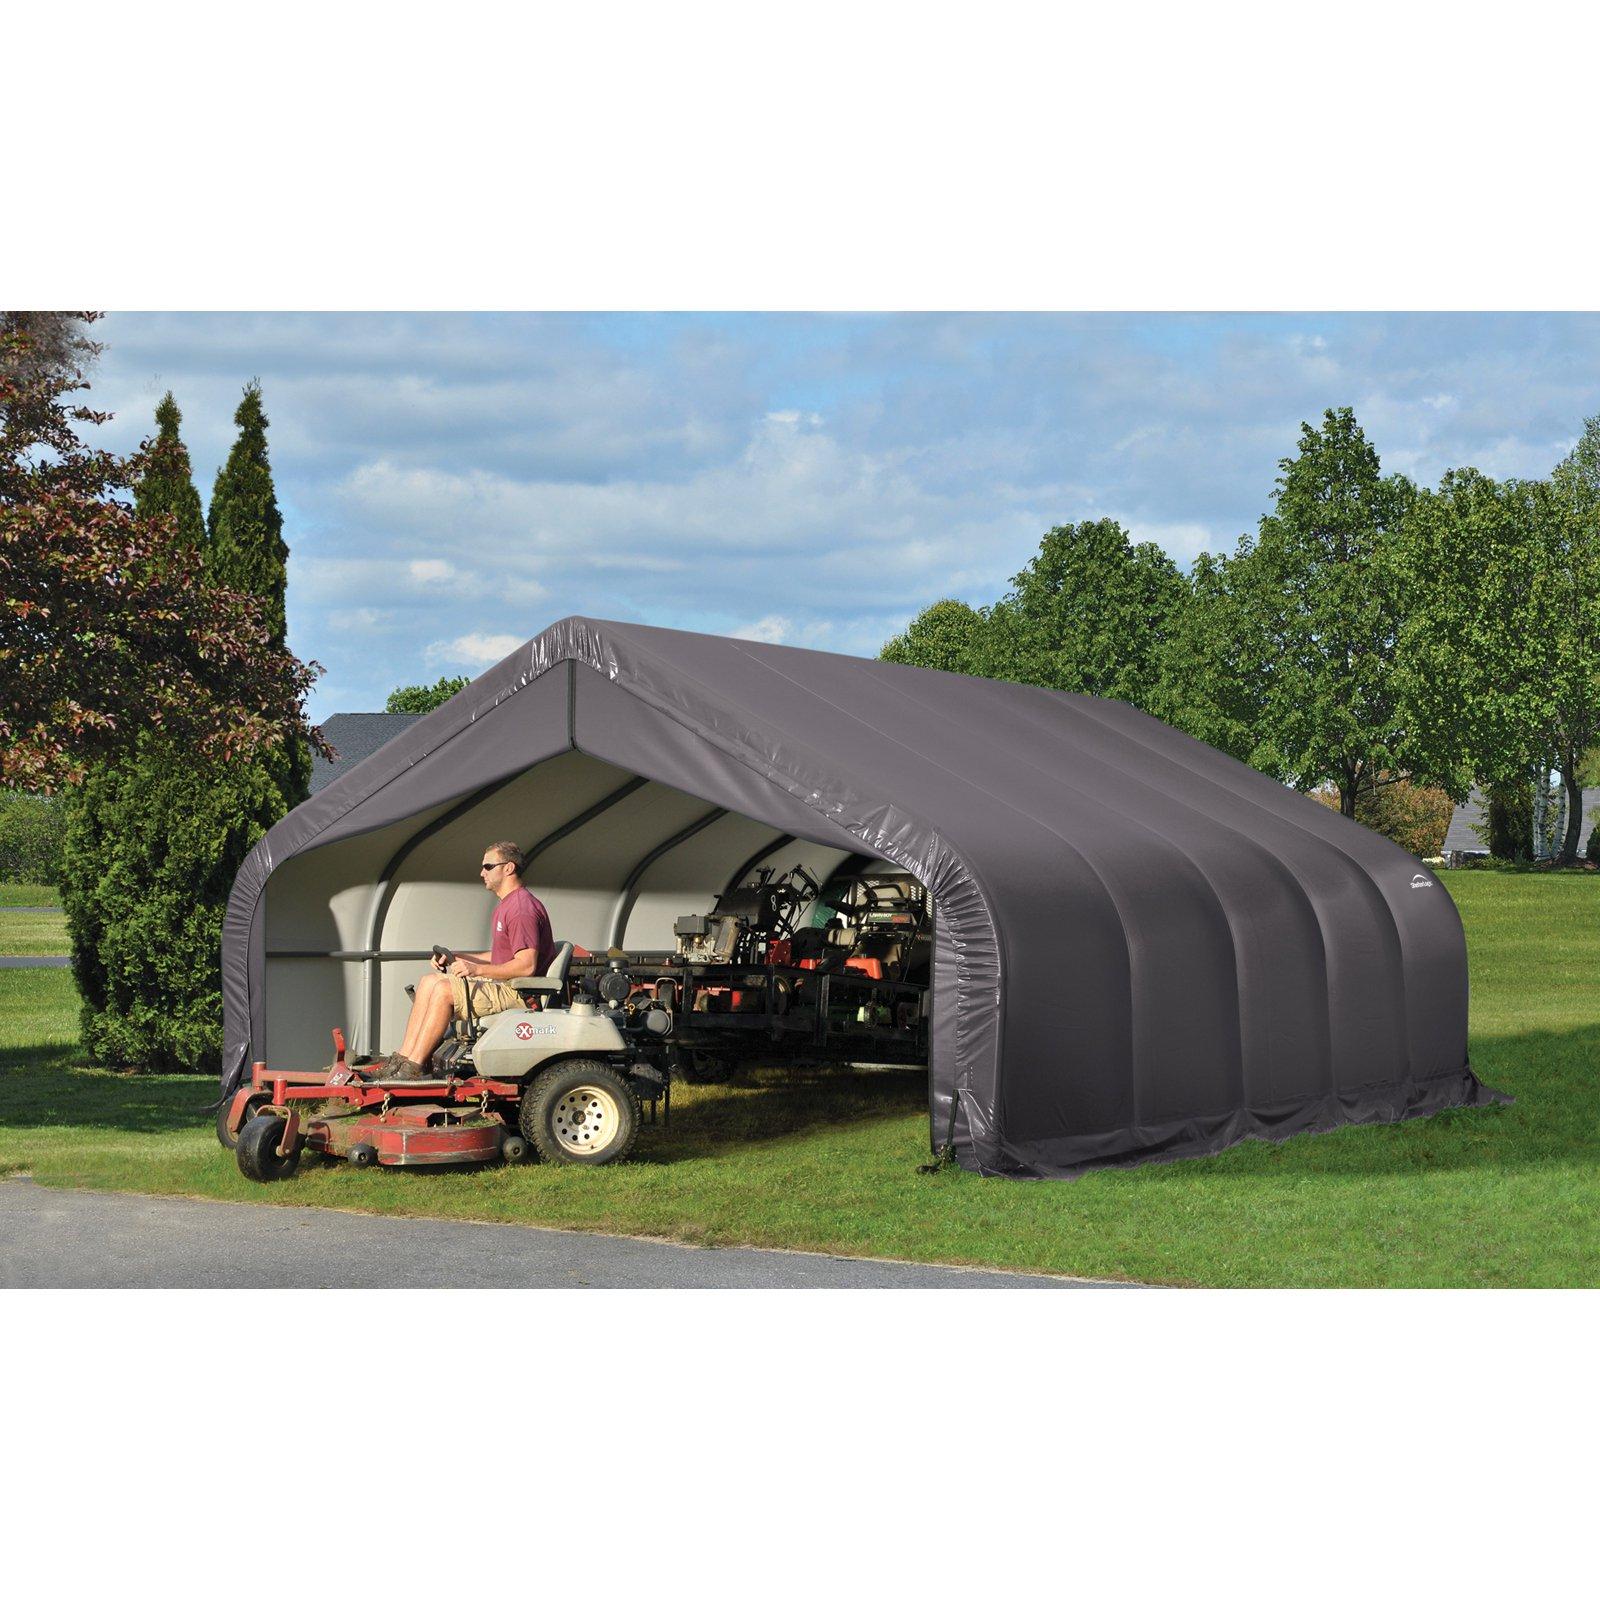 ShelterLogic 18' x 20' x 11' Peak Style Shelter, Green